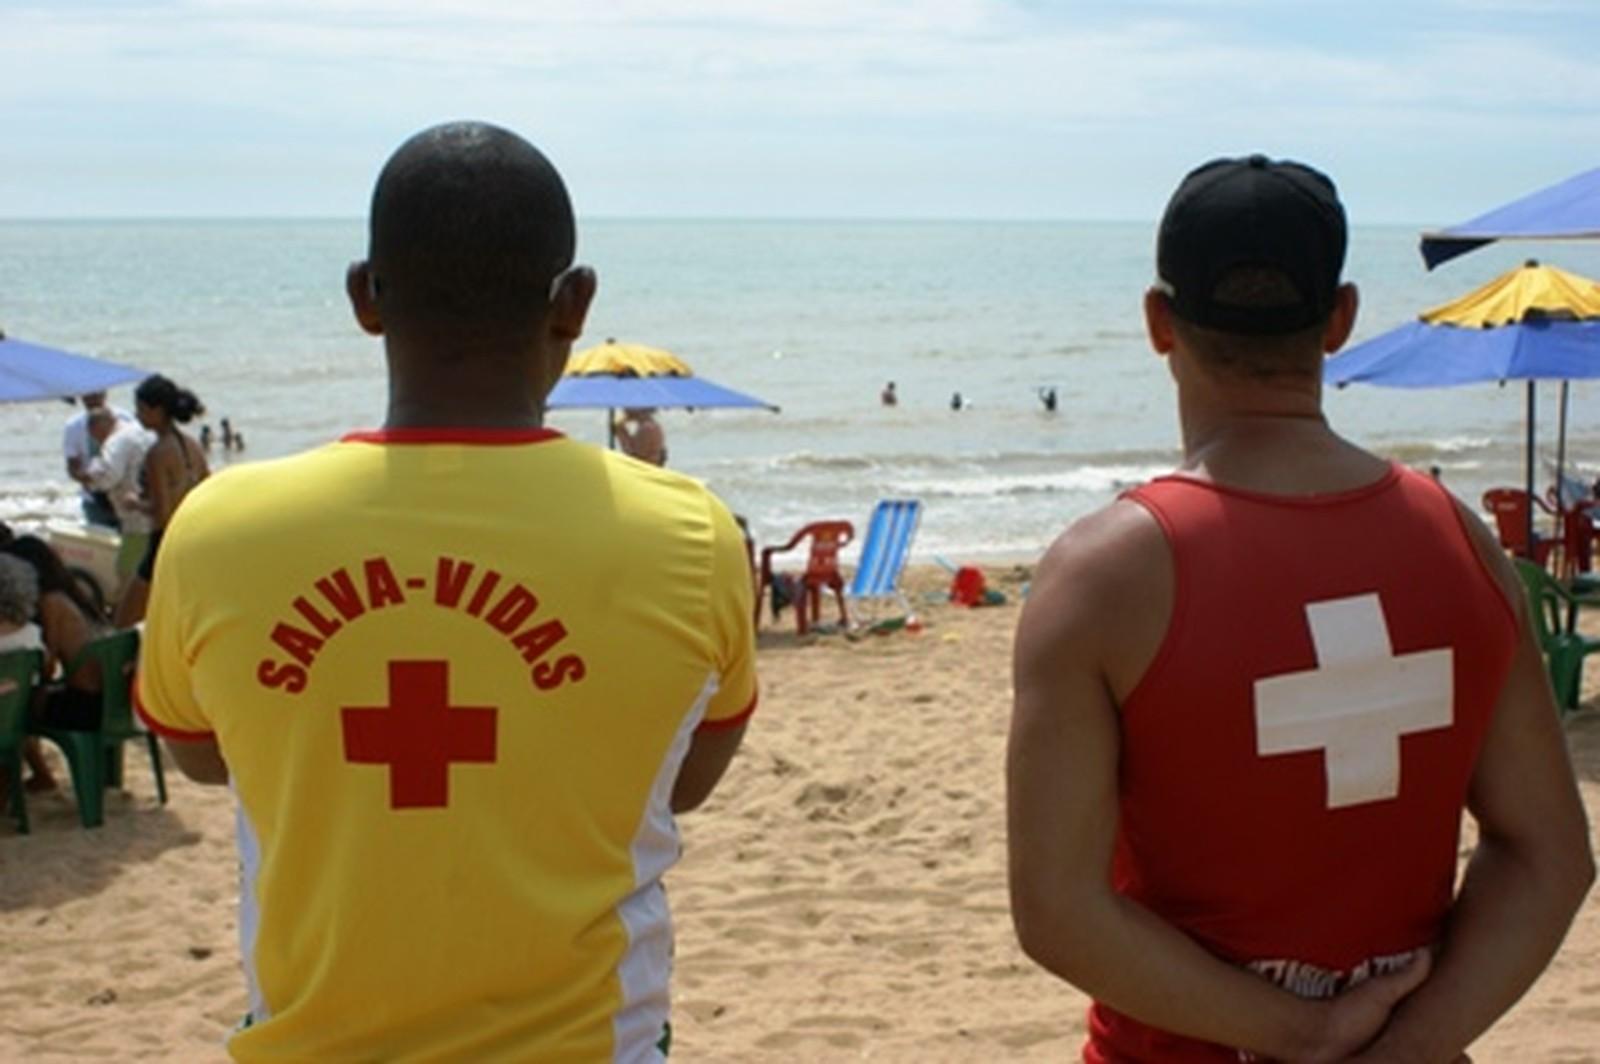 Marataízes abre inscrições para Guarda-vidas; Prazo termina nesta sexta (8)